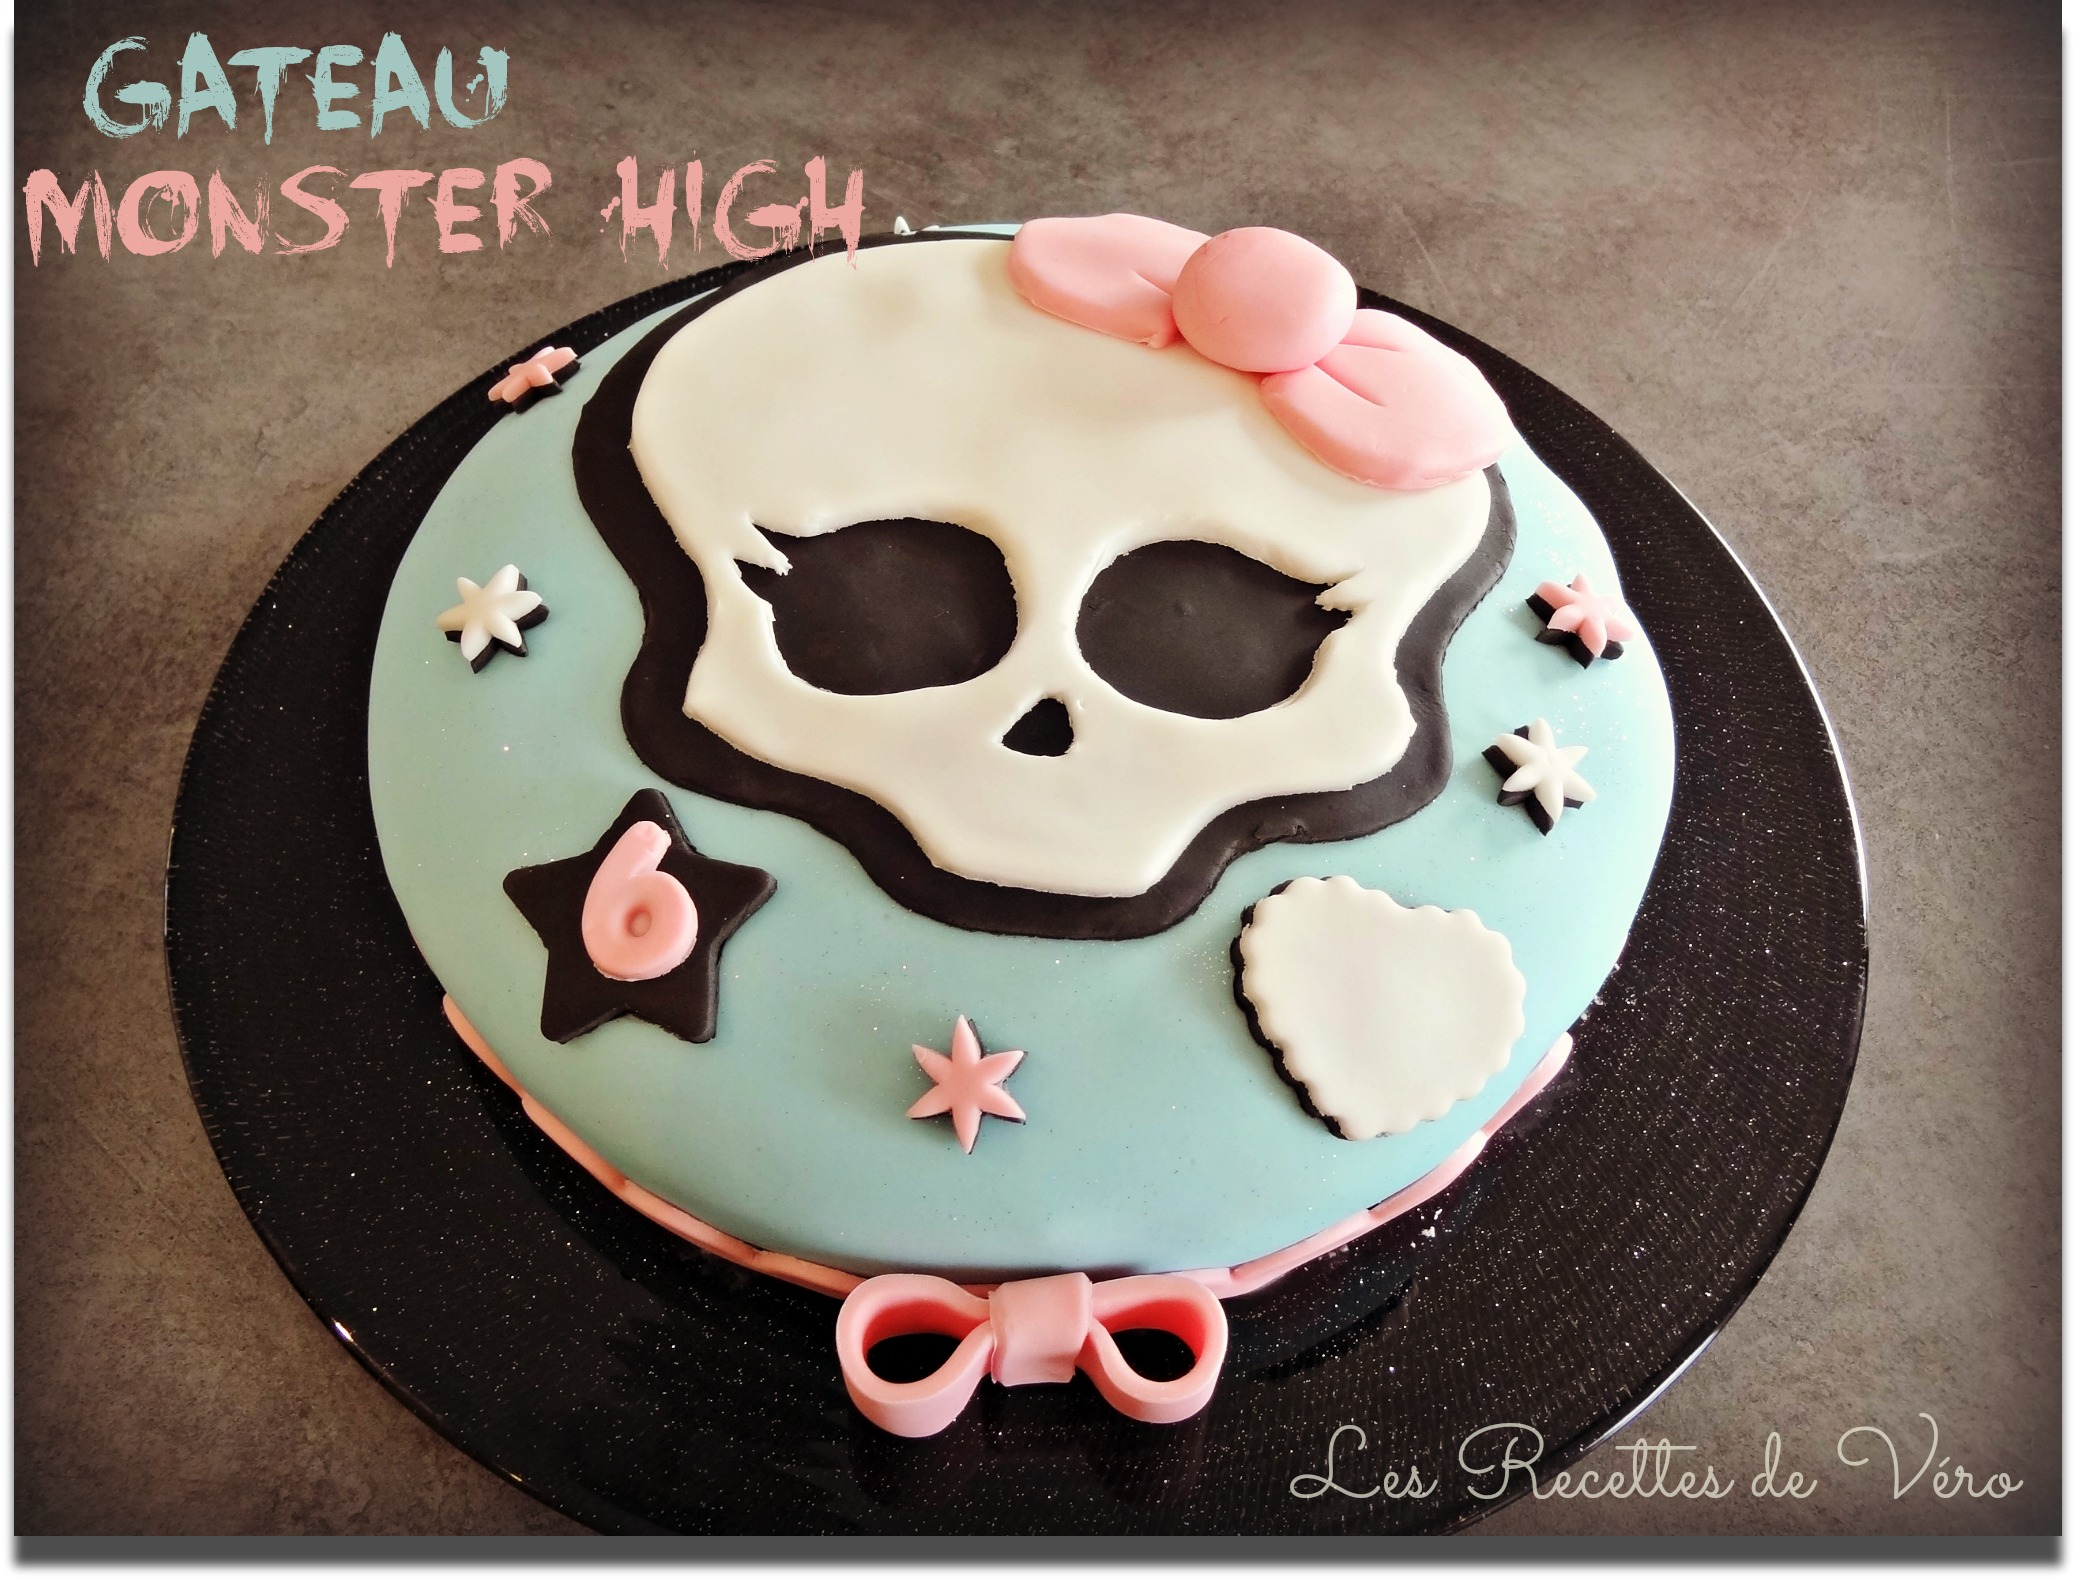 Super Gâteau Monster High, recette de gâteau - CakesandSweets.fr FT15